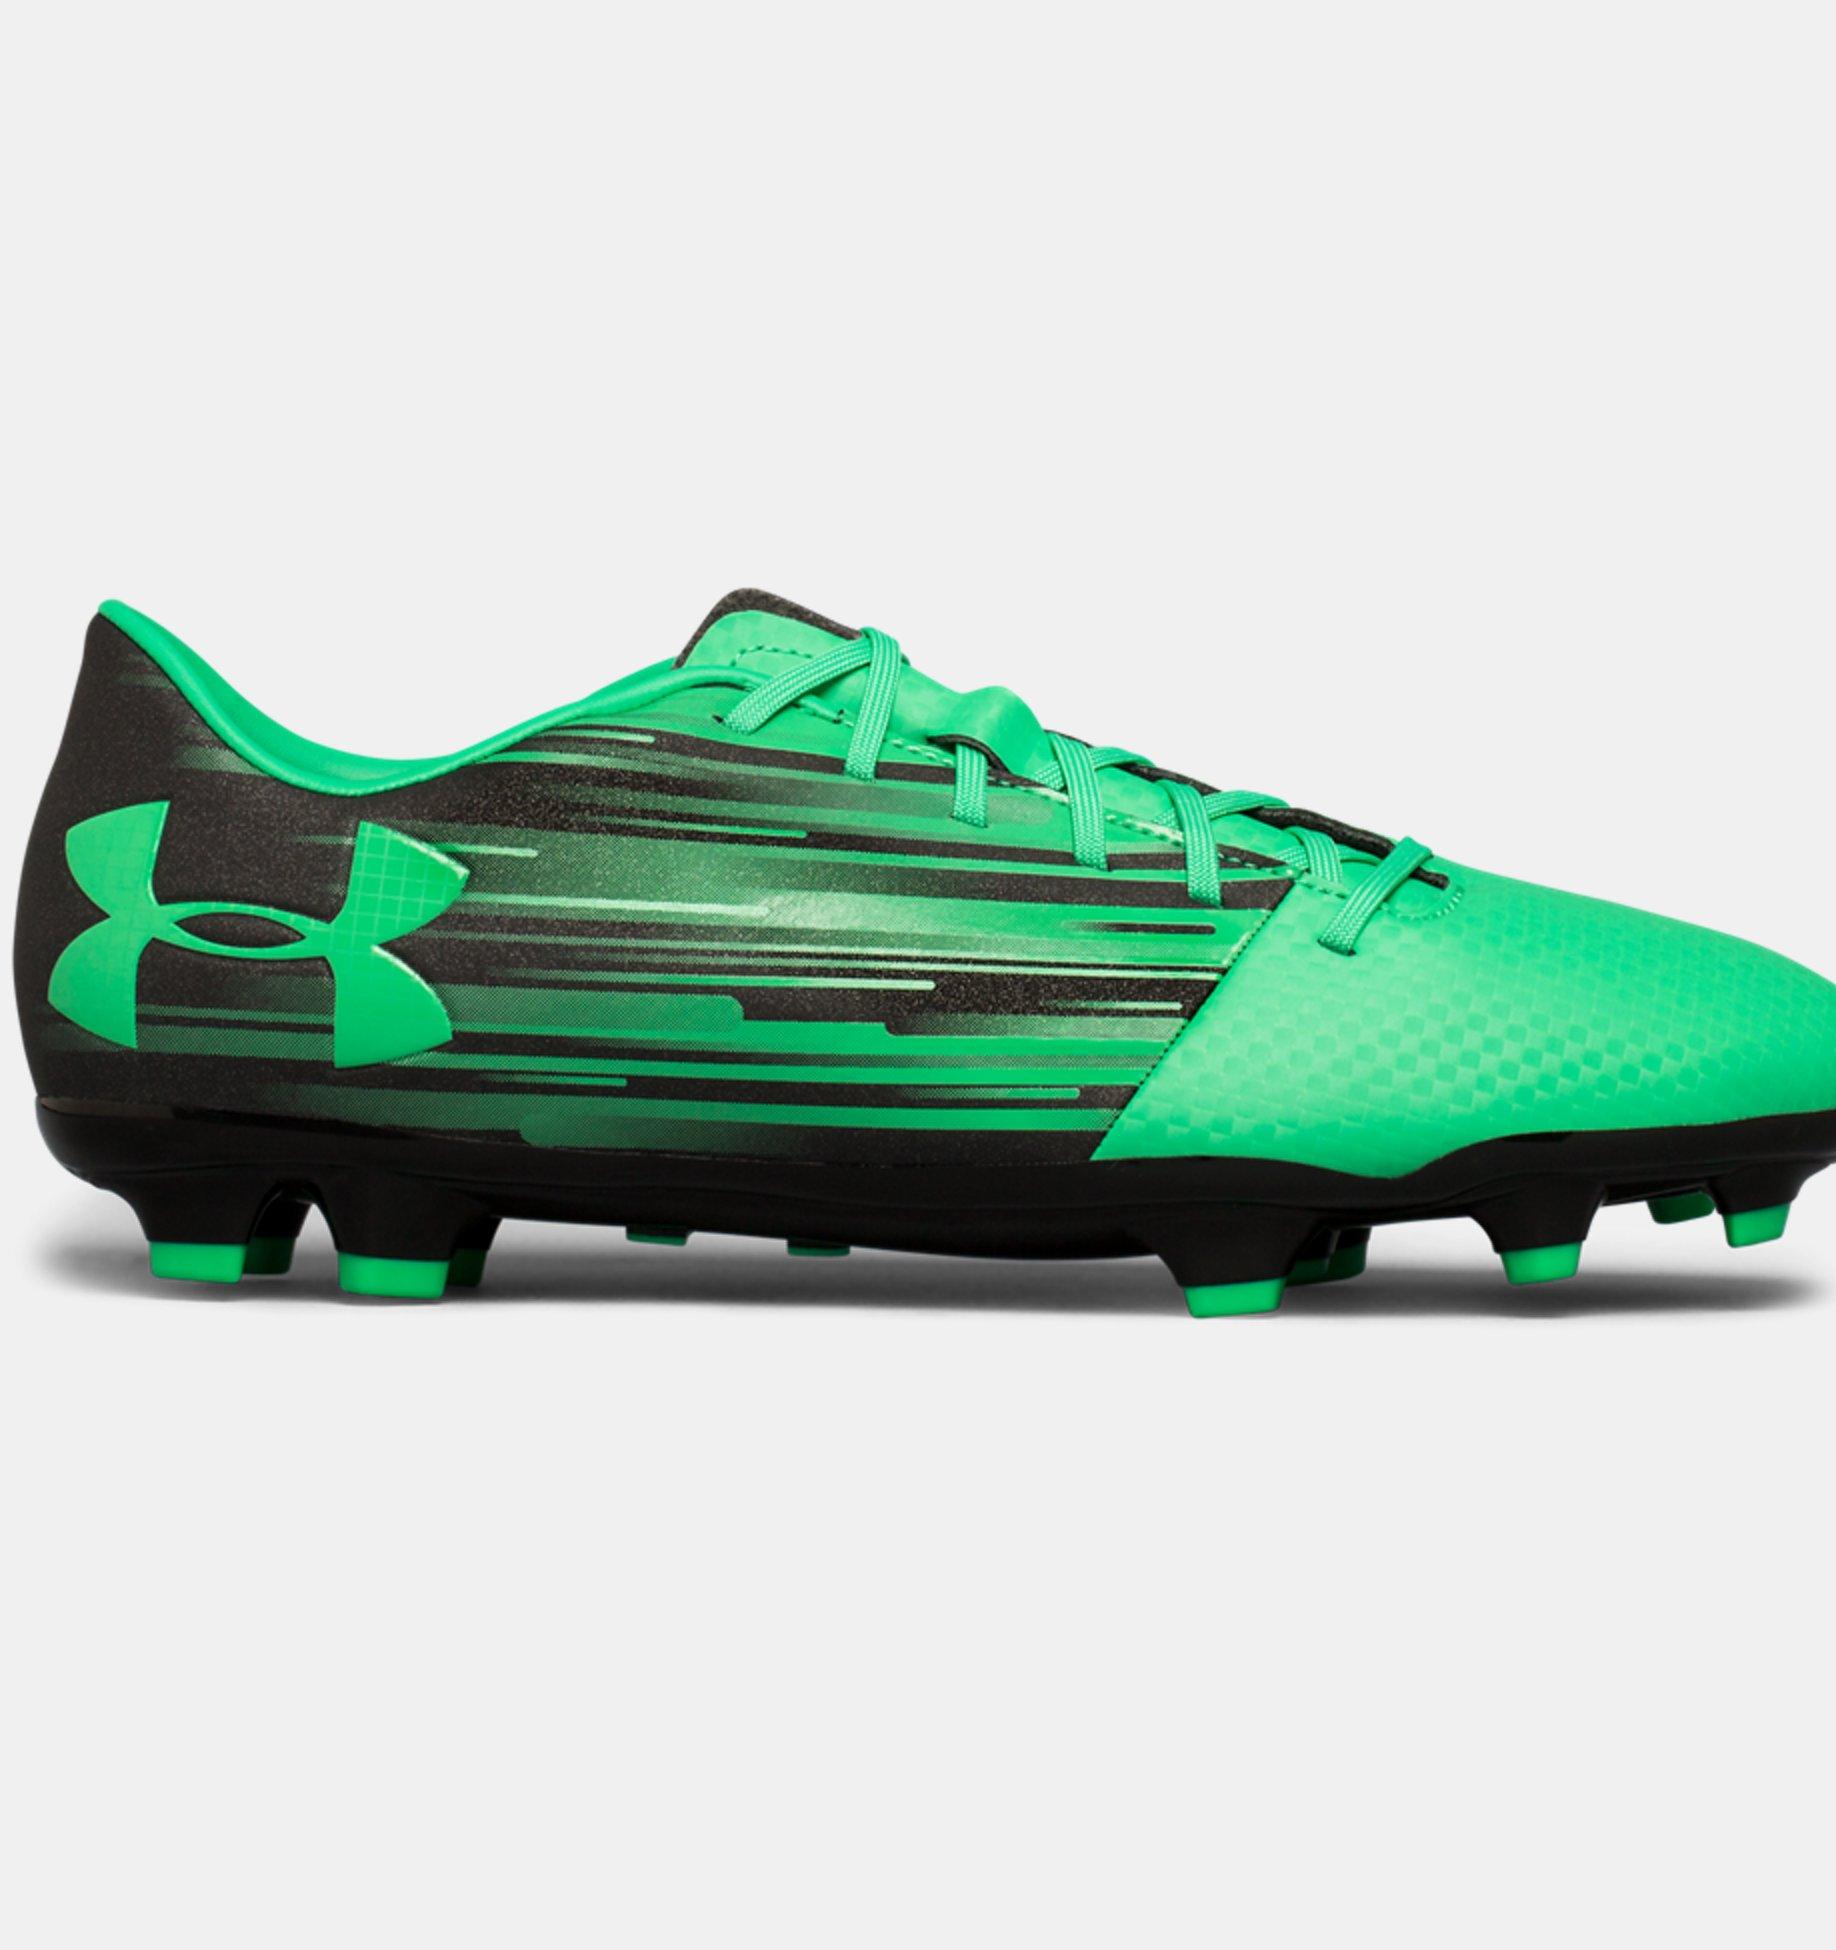 cc9de08f013fc Zapatos de Fútbol UA Spotlight DL Firm Ground para Hombre